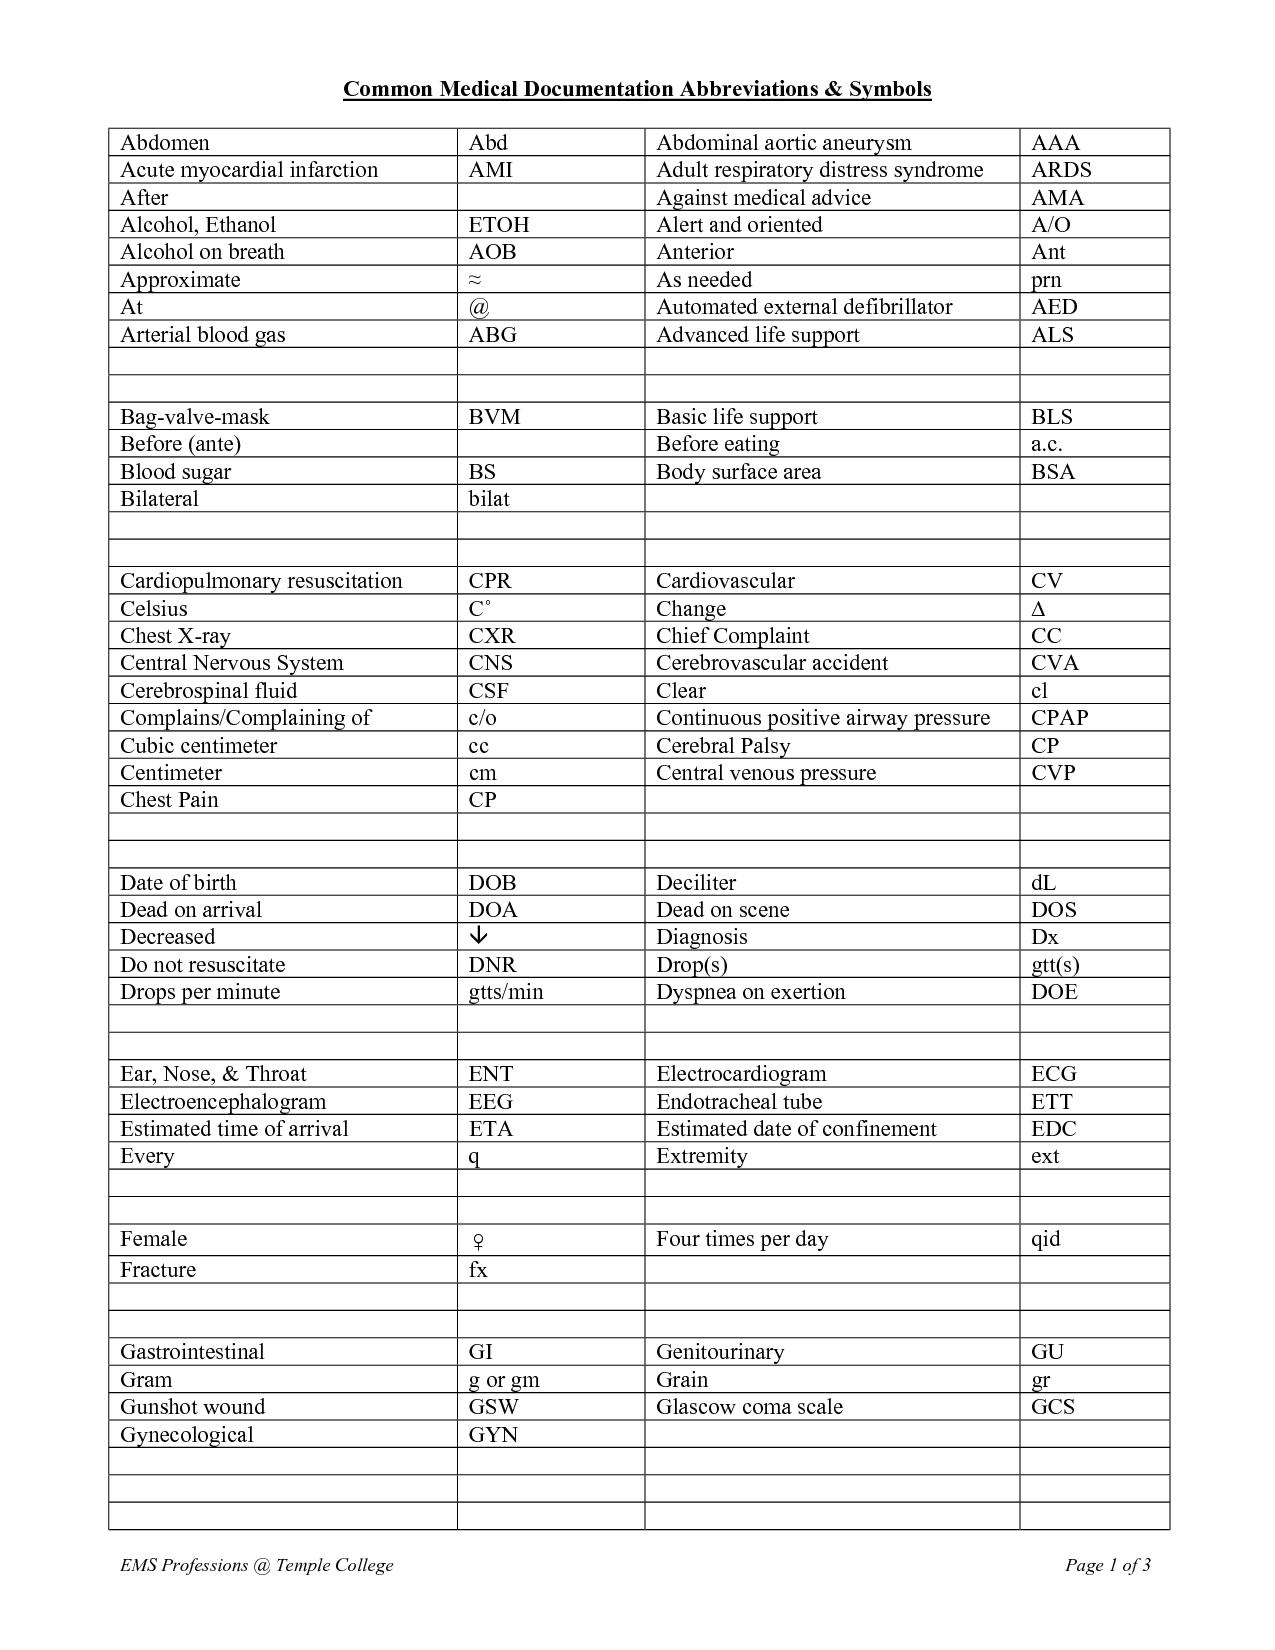 Medical Abbreviations And Symbols